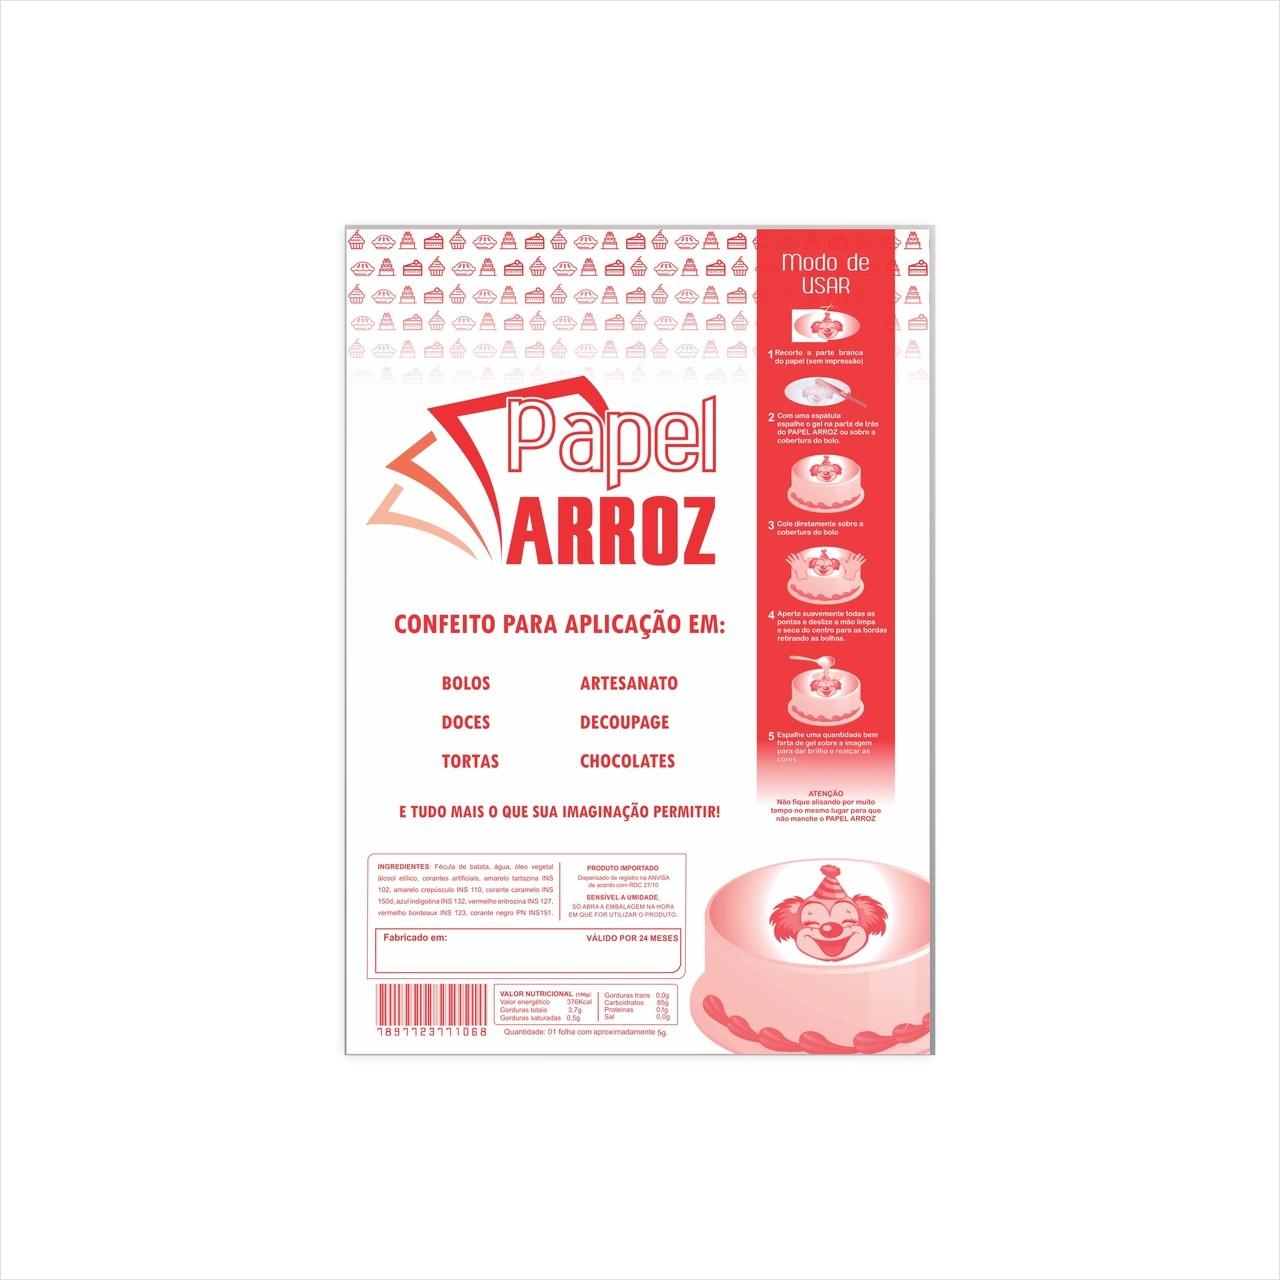 Folha de Instrução p/ embalar papel arroz - A4 - 50 Folhas